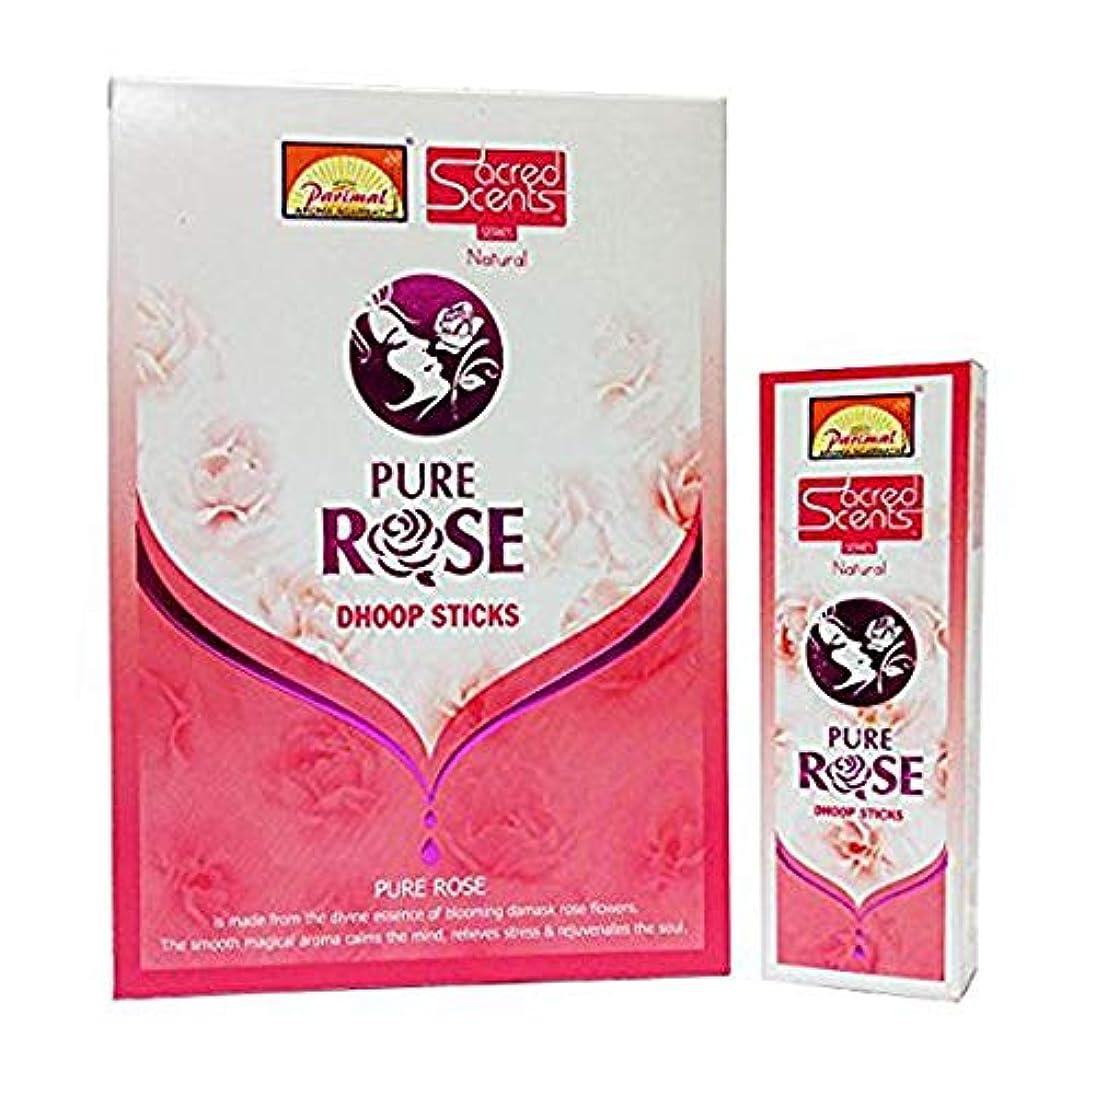 許可する疑い文芸Parimal Sacred Scents Pure Rose Dhoop Sticks 50グラムパック、6カウントin aボックス